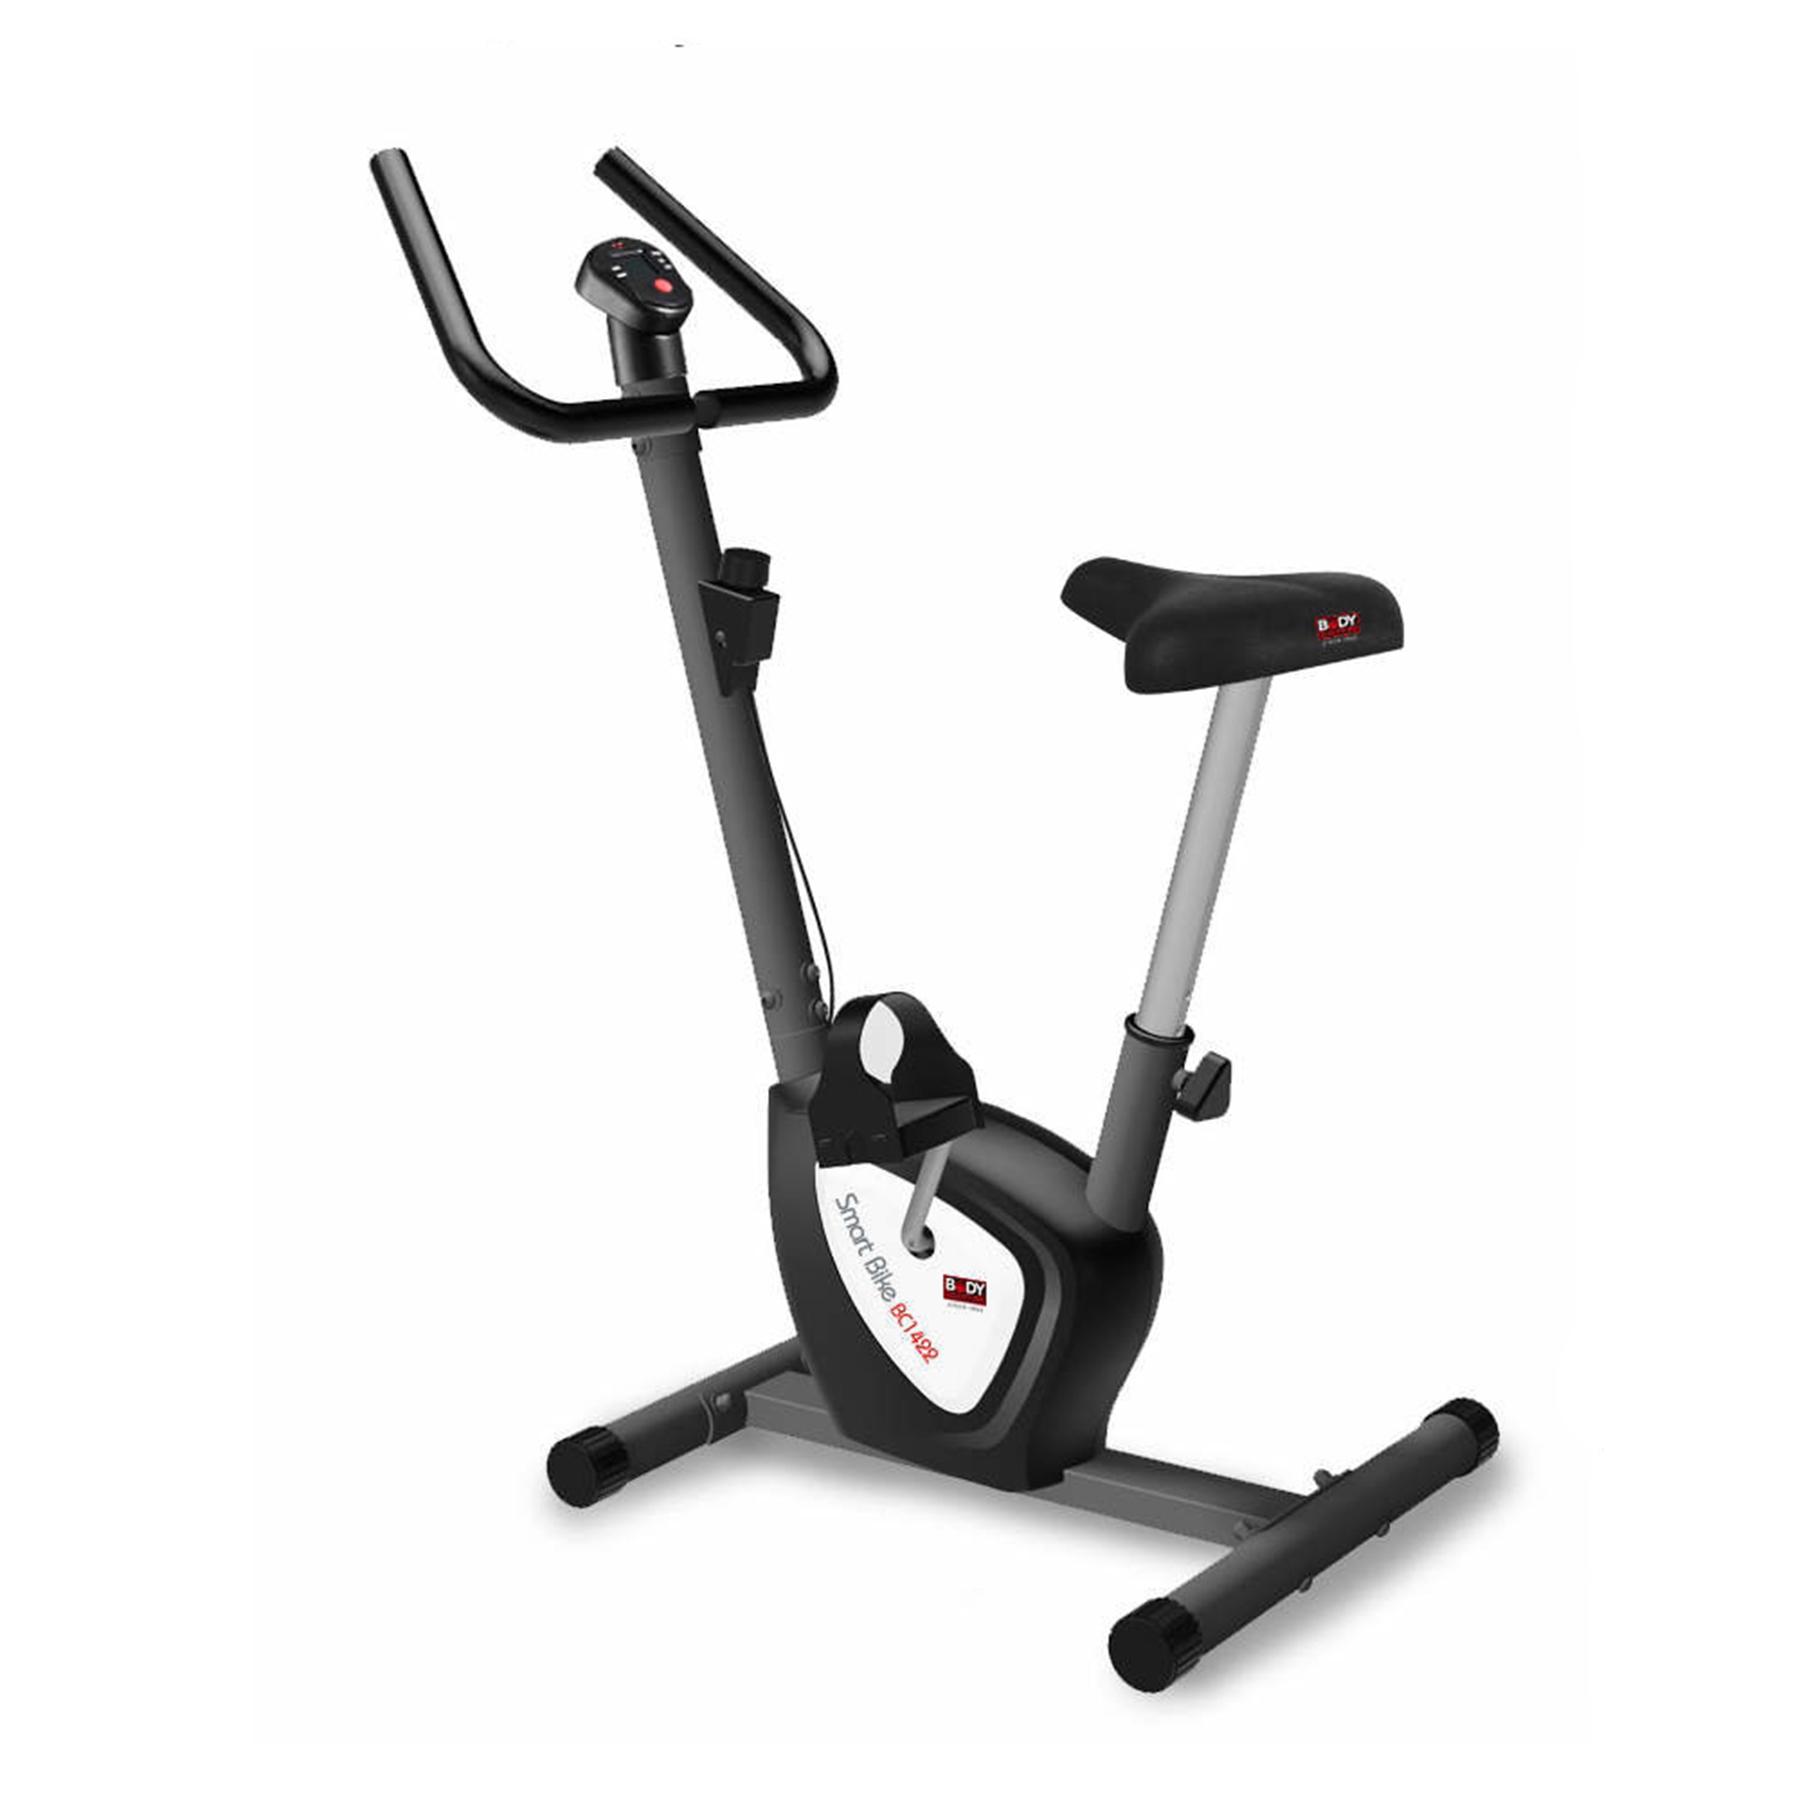 Велотренажер ременной BC-1422 макс. вес пользователя 100кг,измеряет скорость,время,ккал.